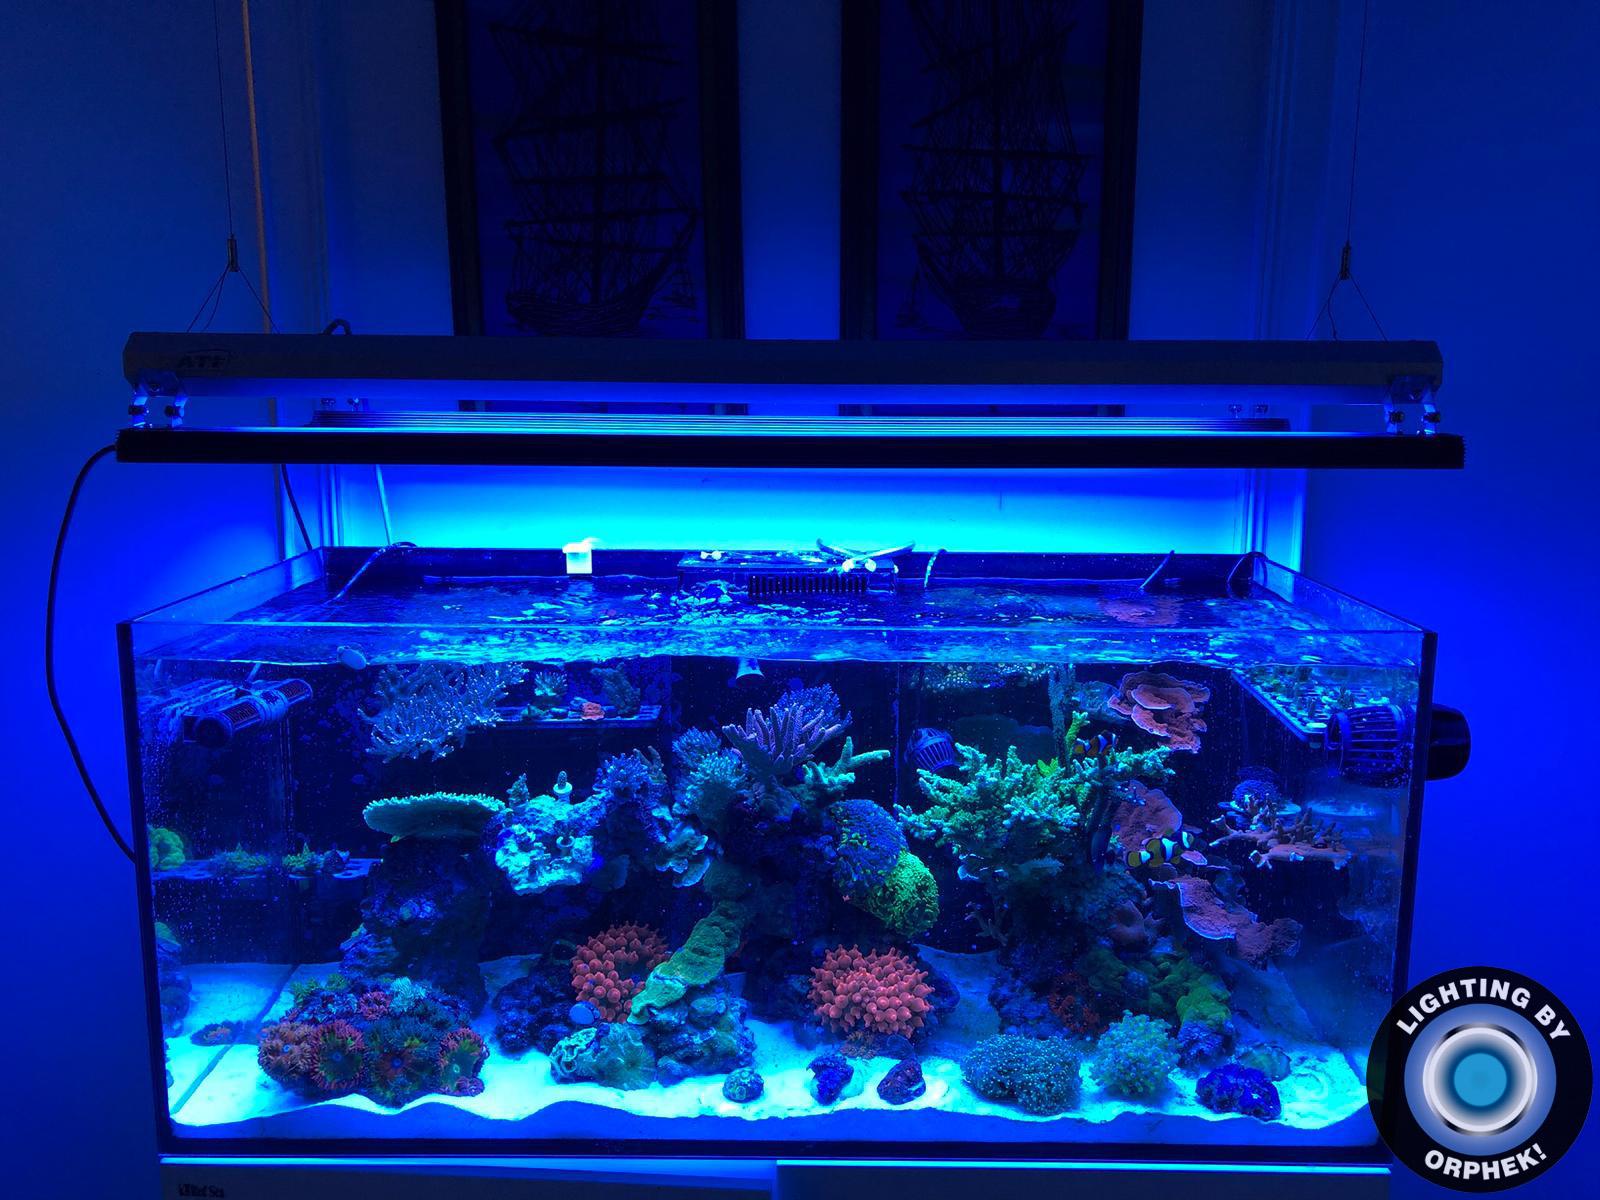 화려한 암초 수족관 최고의 LED 조명